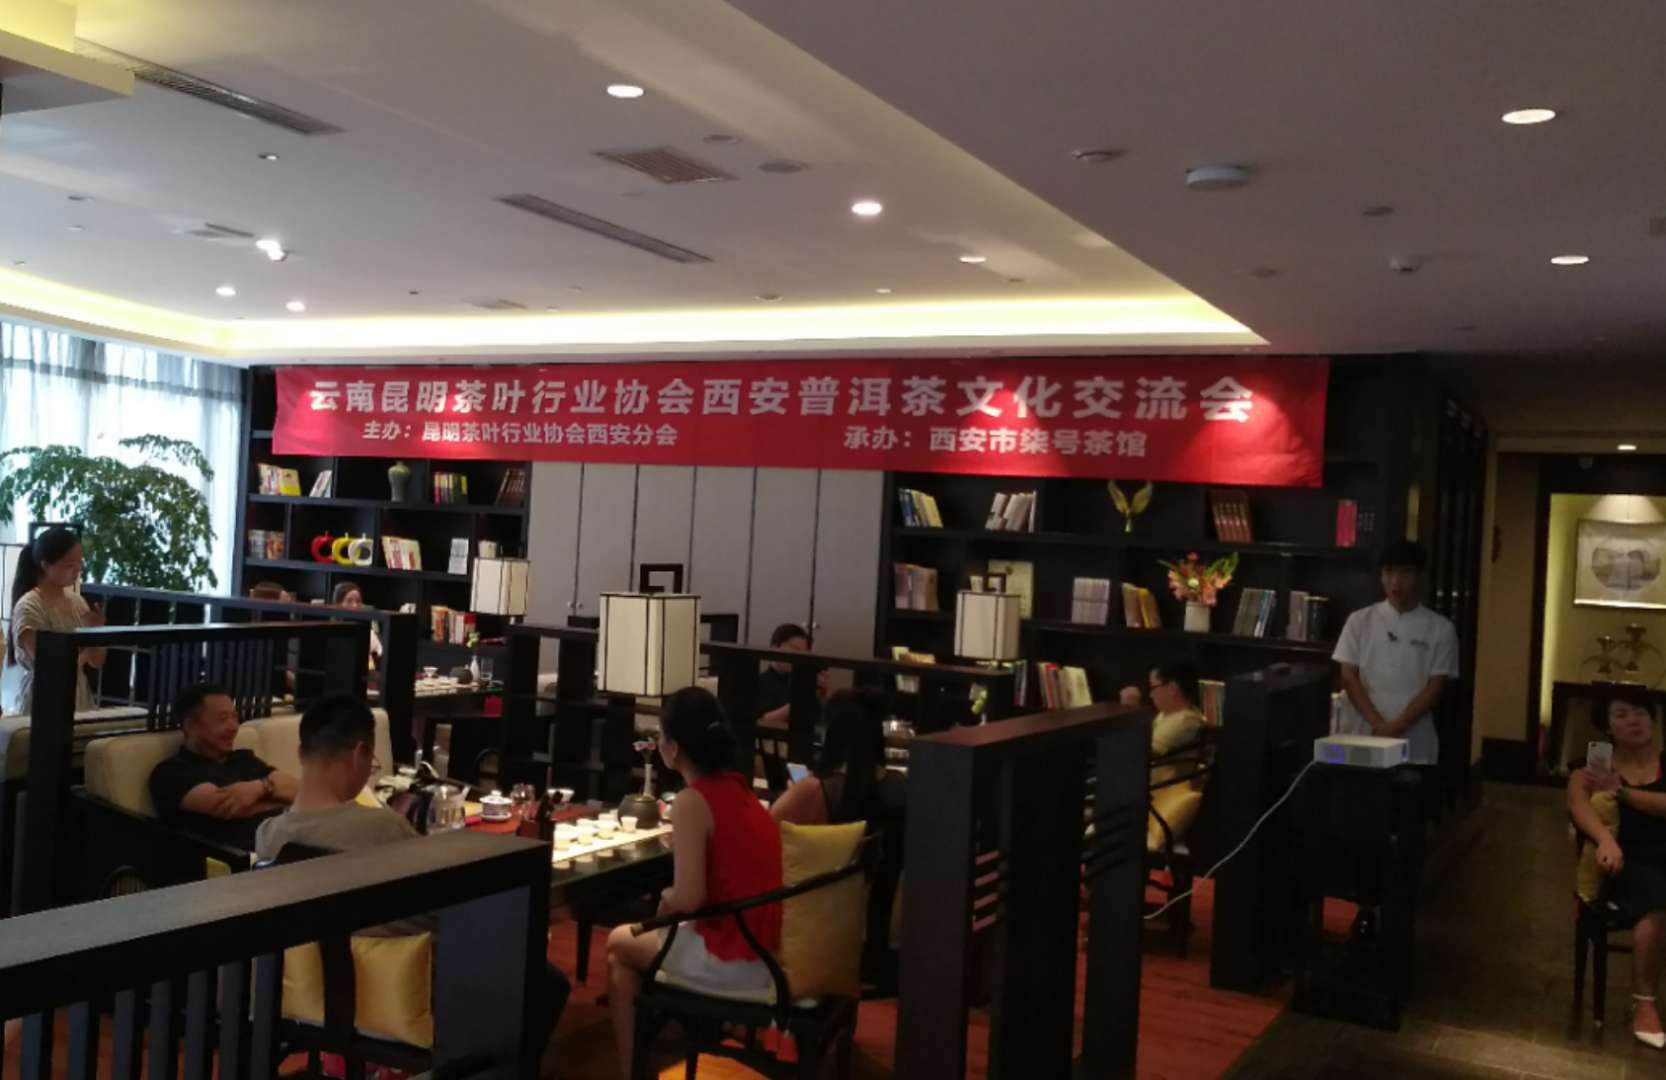 云南昆明茶叶行业协会普洱茶文化交流会在西安柒号馆隆重举办